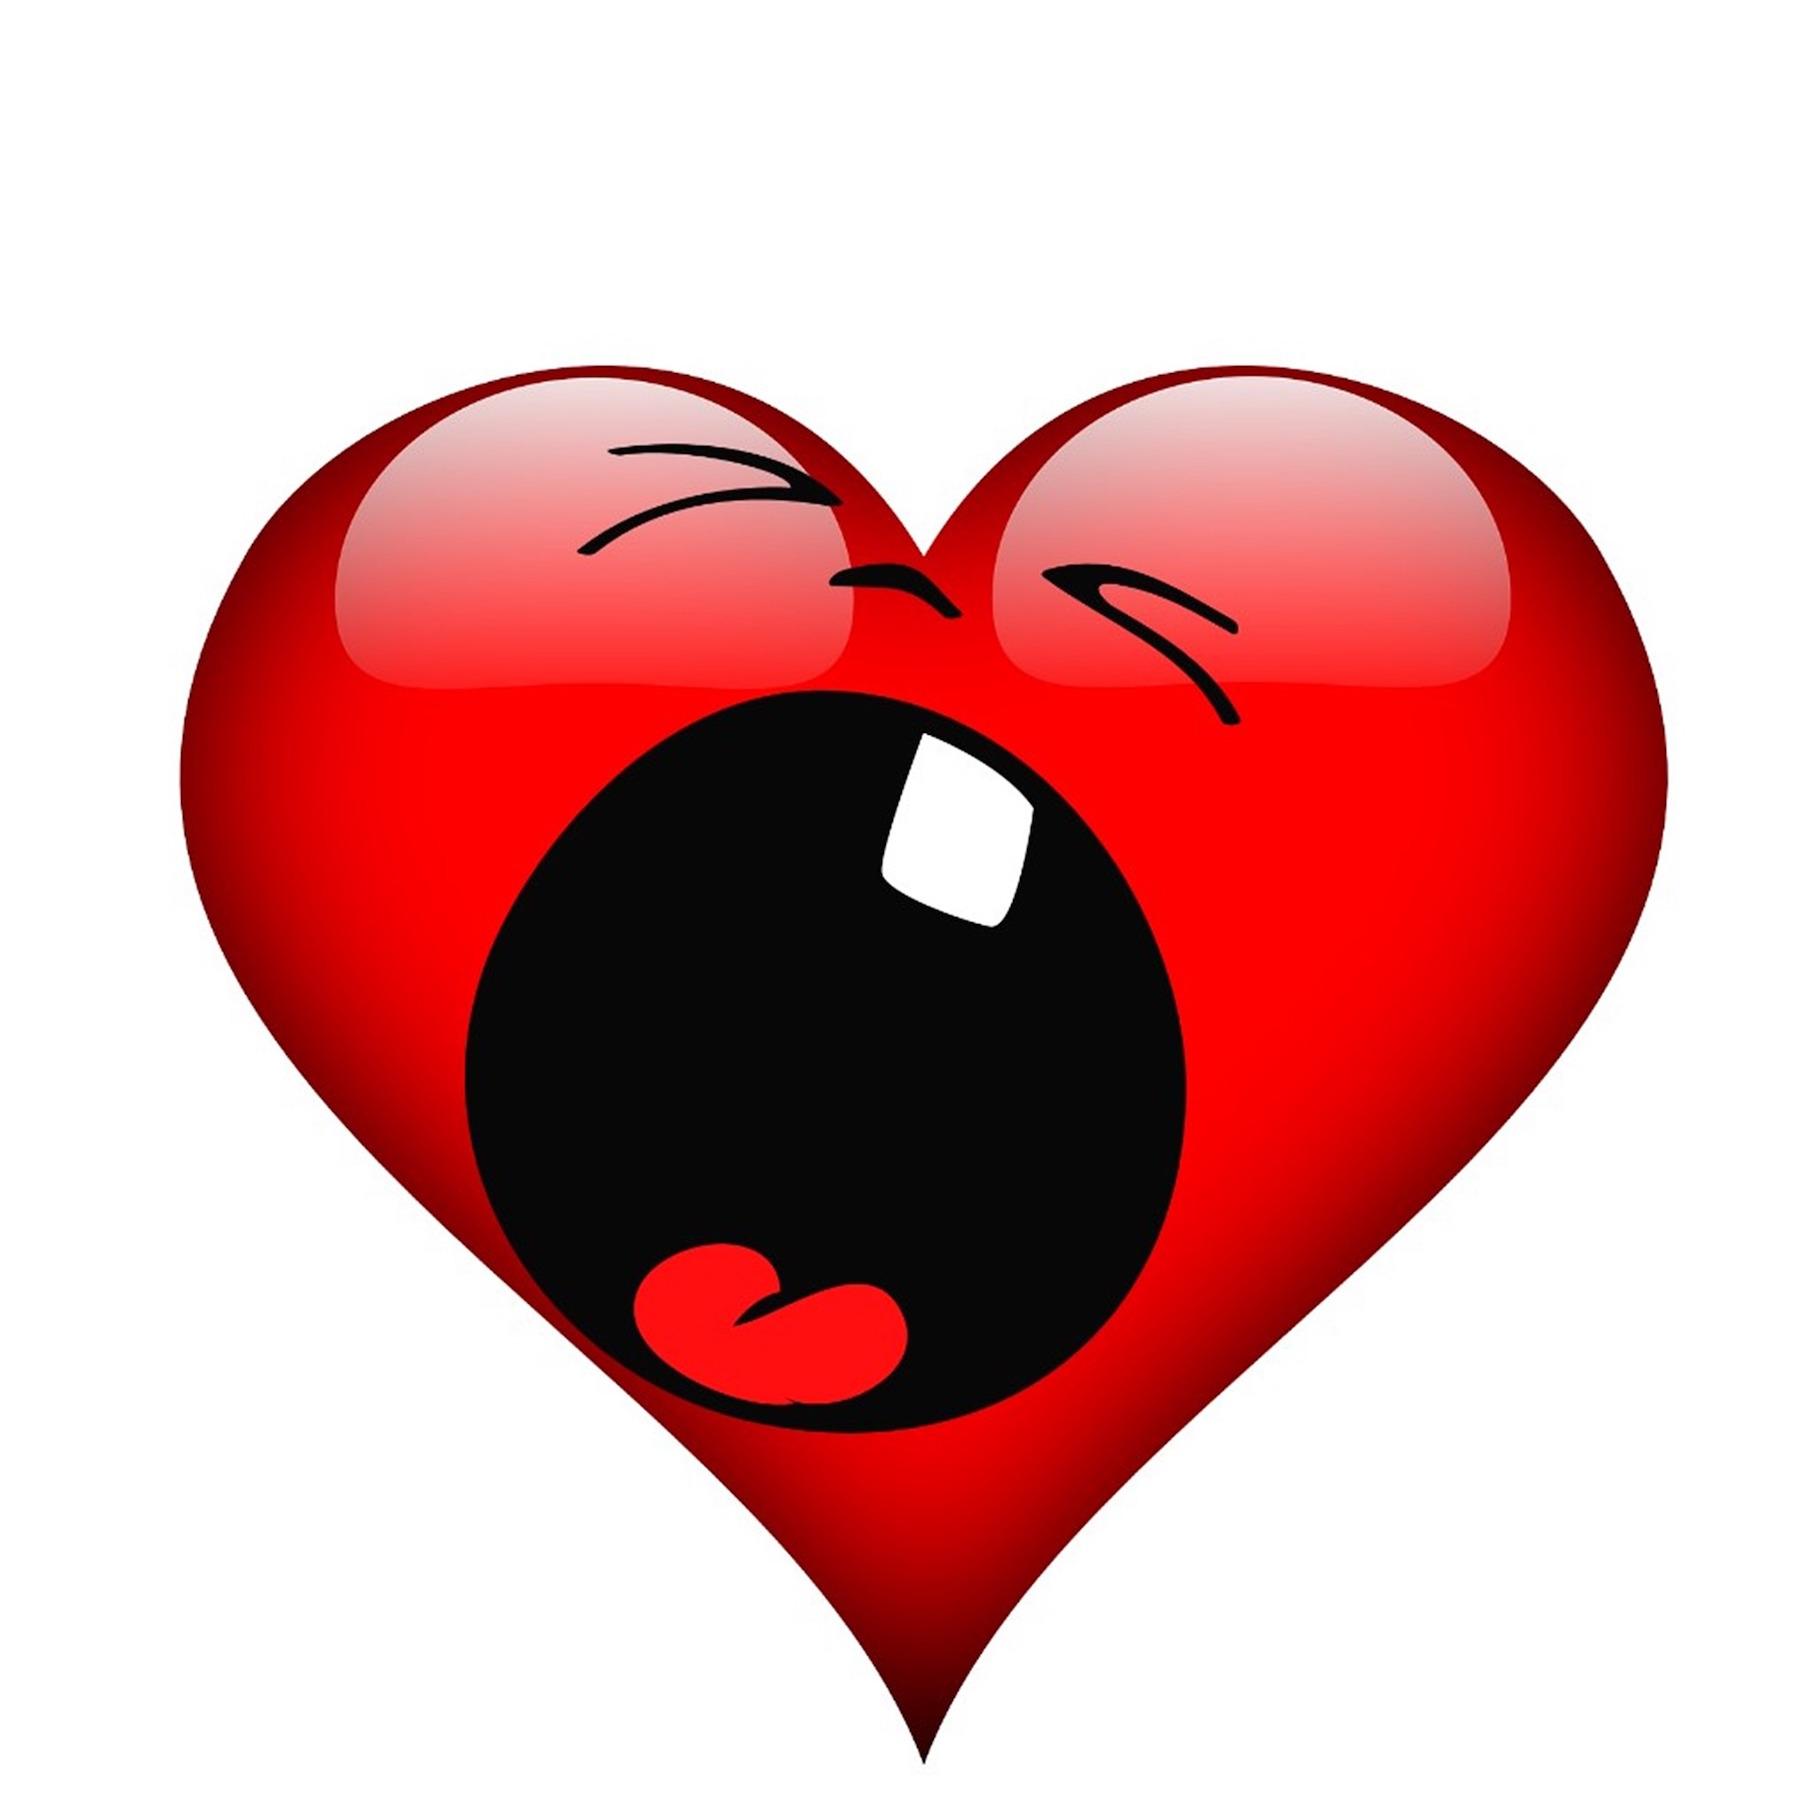 аллея картинки грустные сердечки еще более опасным